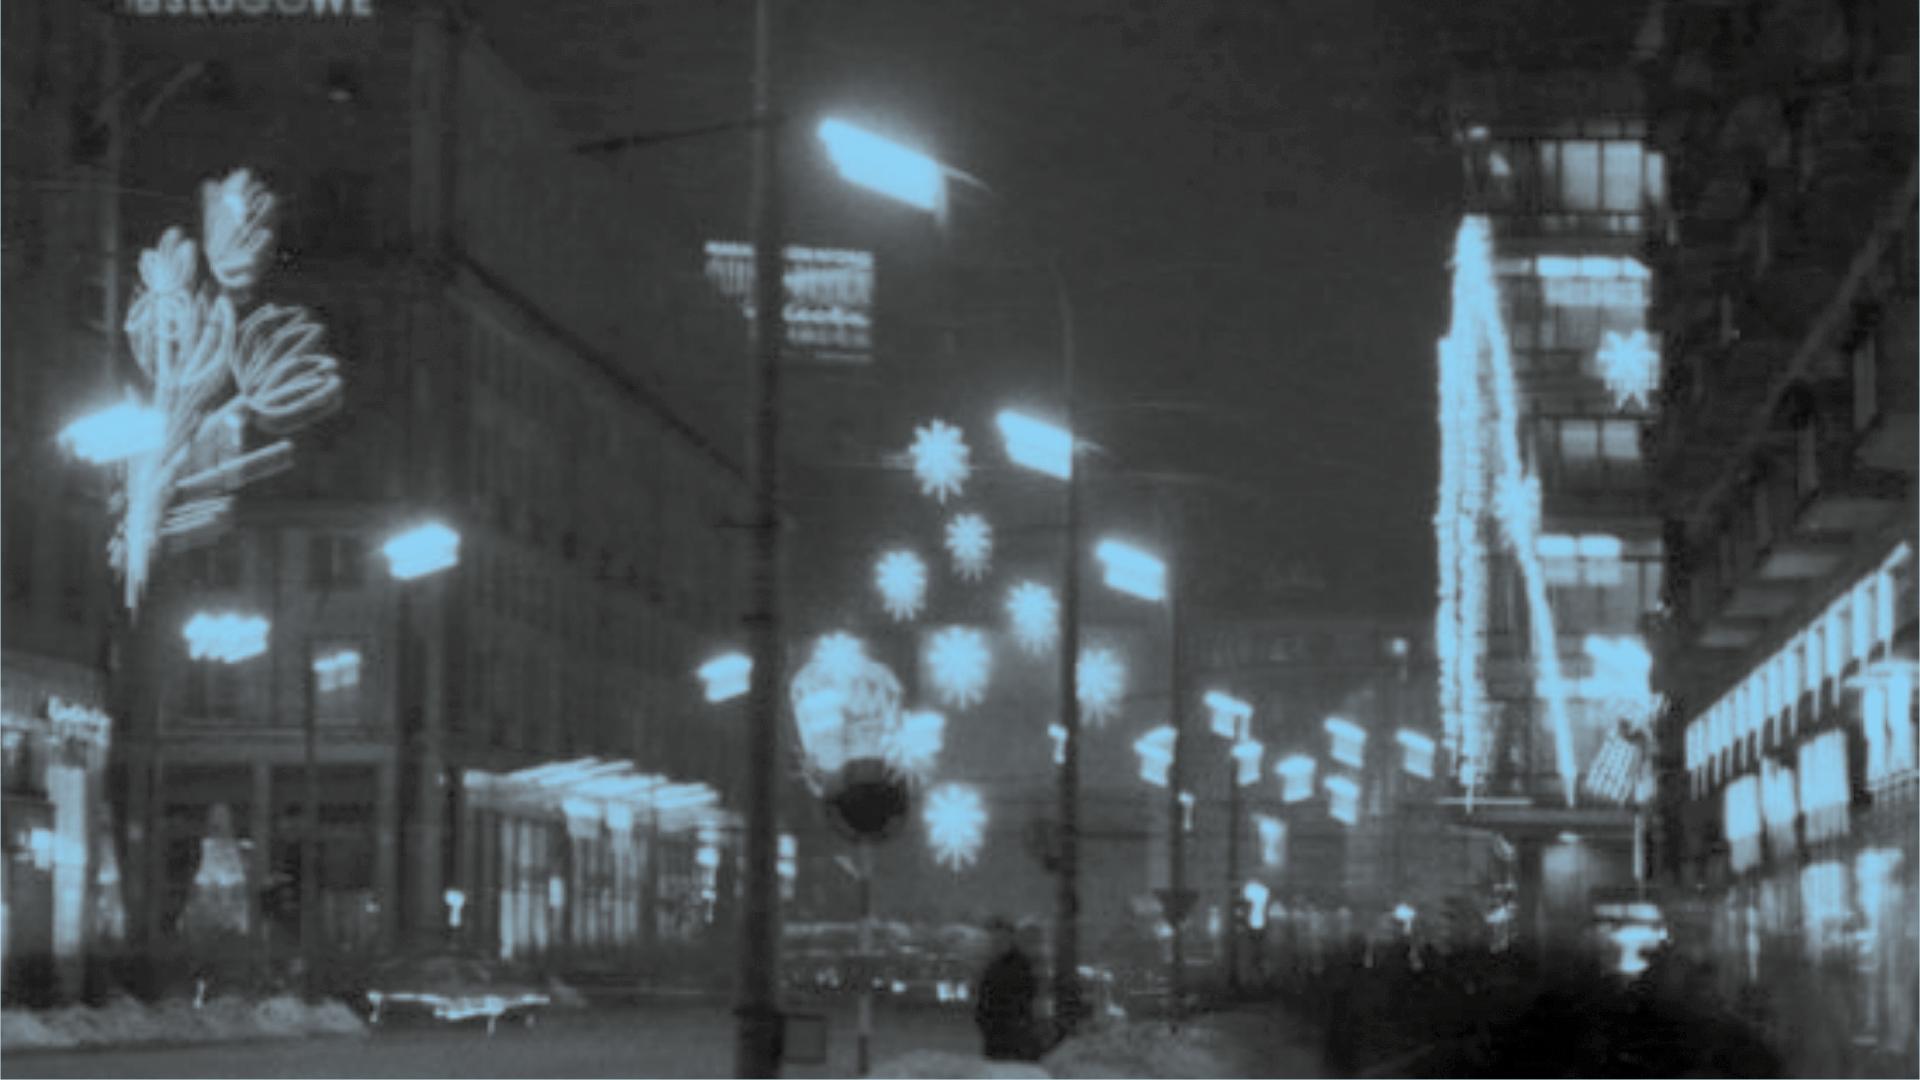 zdjęcie nocne Warszawy, wszystko niewyraźne, dużo świateł wieżowców, latarni, neonów